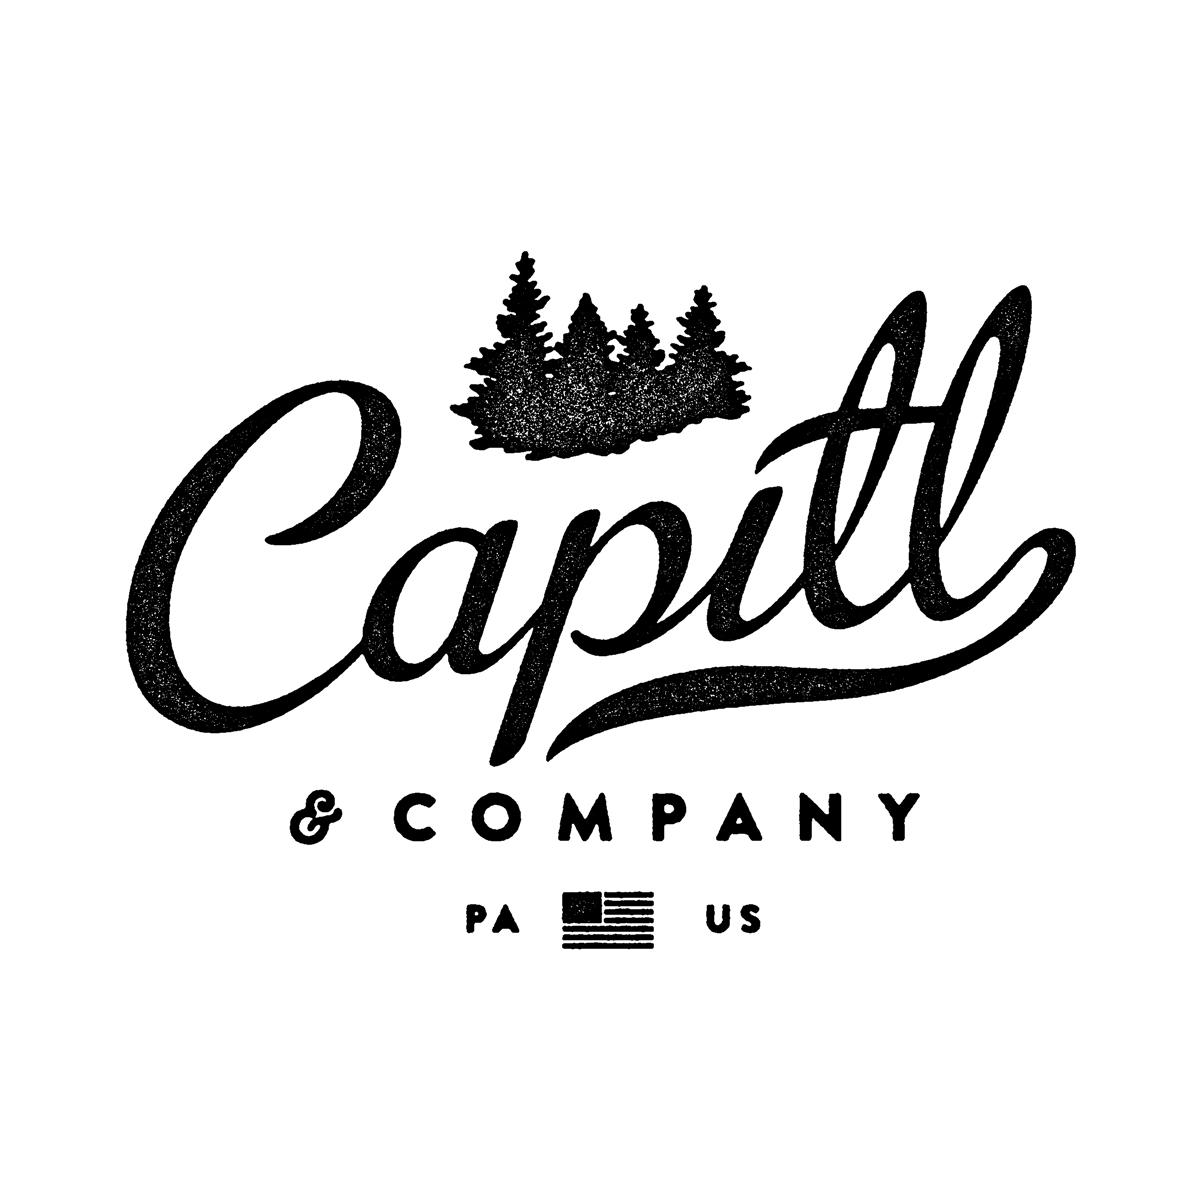 Capitl-Clothing-Jeremy-Vessey.jpg